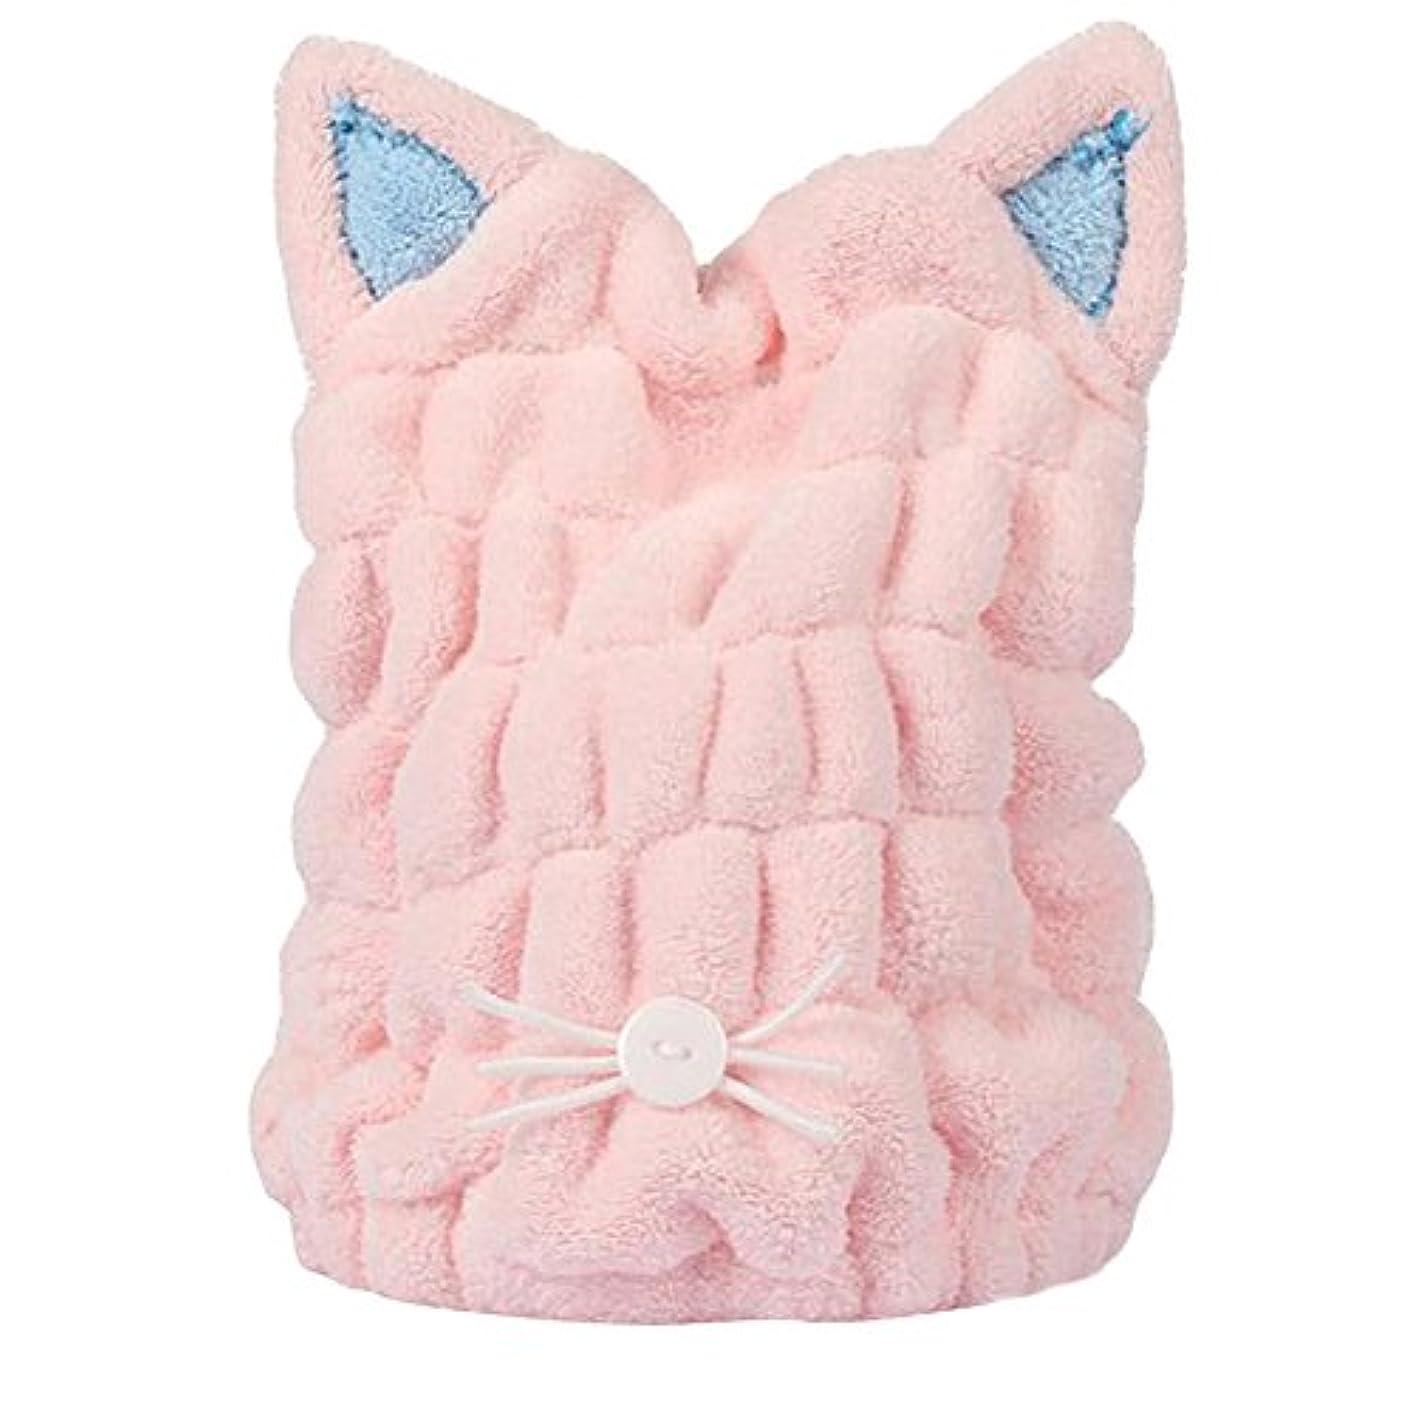 ゾーン邪魔起こるタオルキャップ 猫耳 ヘアドライキャップ 吸水 乾燥用 お風呂用 マイクロファイバー 可愛い (ピンク)